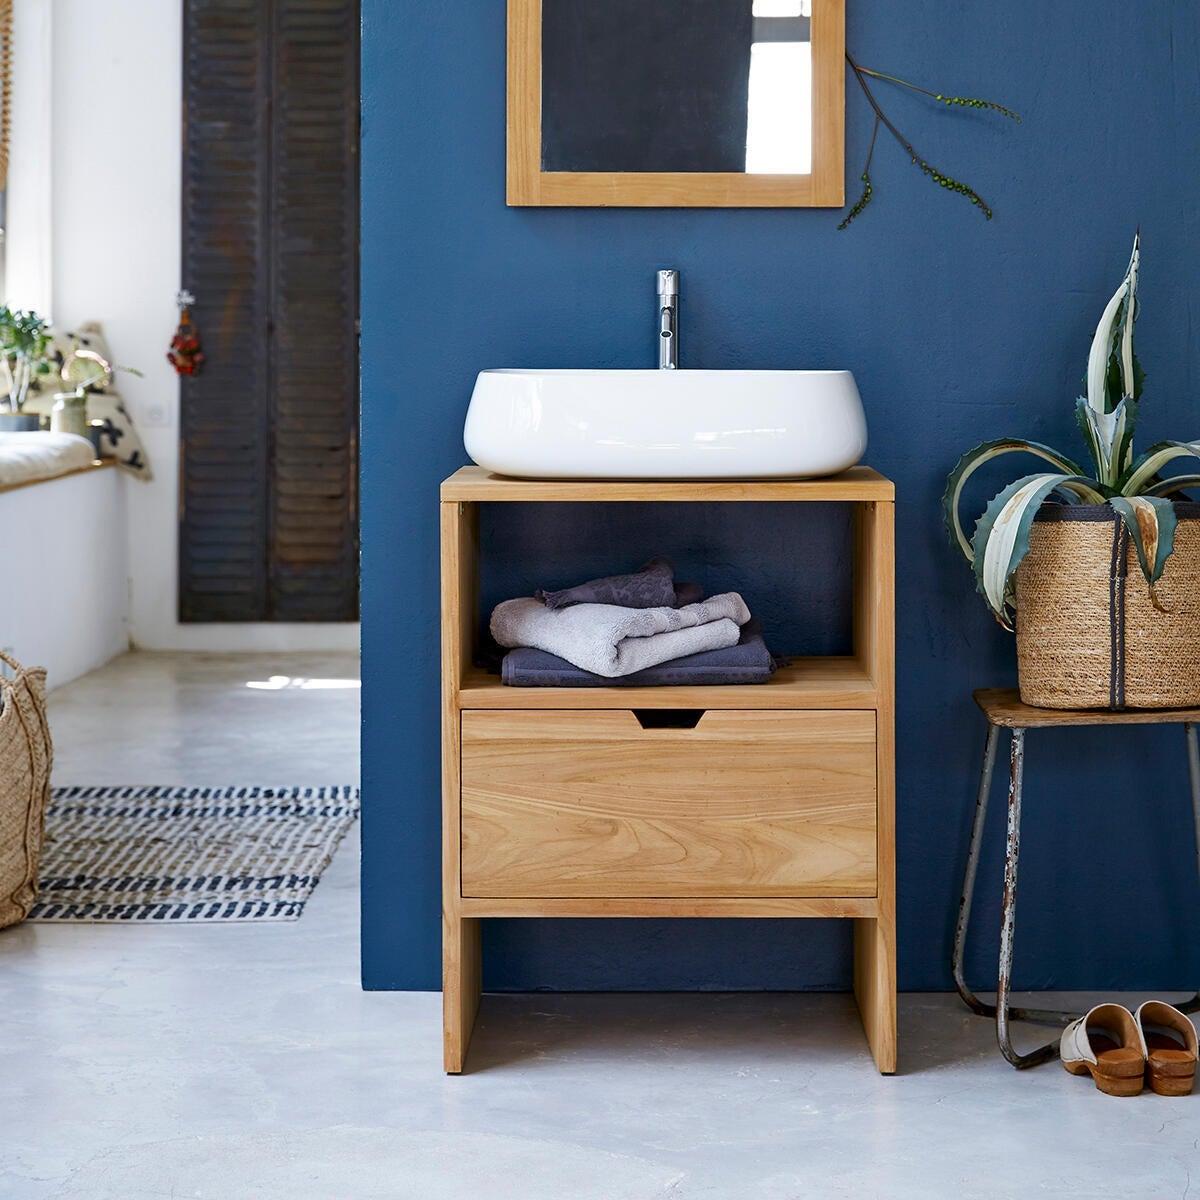 Rubinetto per lavabo Easy cromato SENSEA - 4